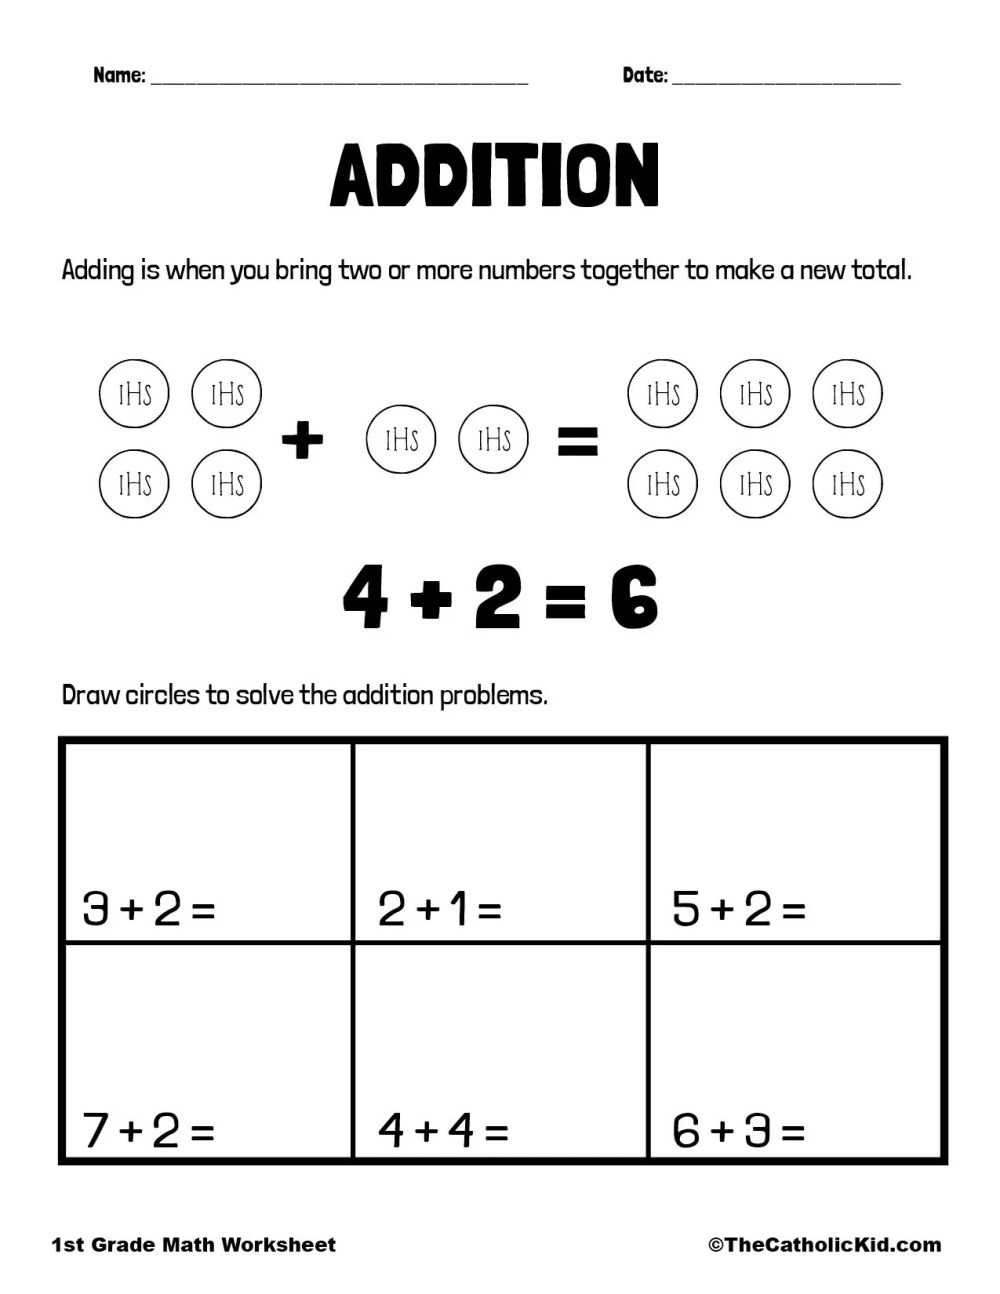 medium resolution of Addition - 1st Grade Math Worksheet Catholic - TheCatholicKid.com